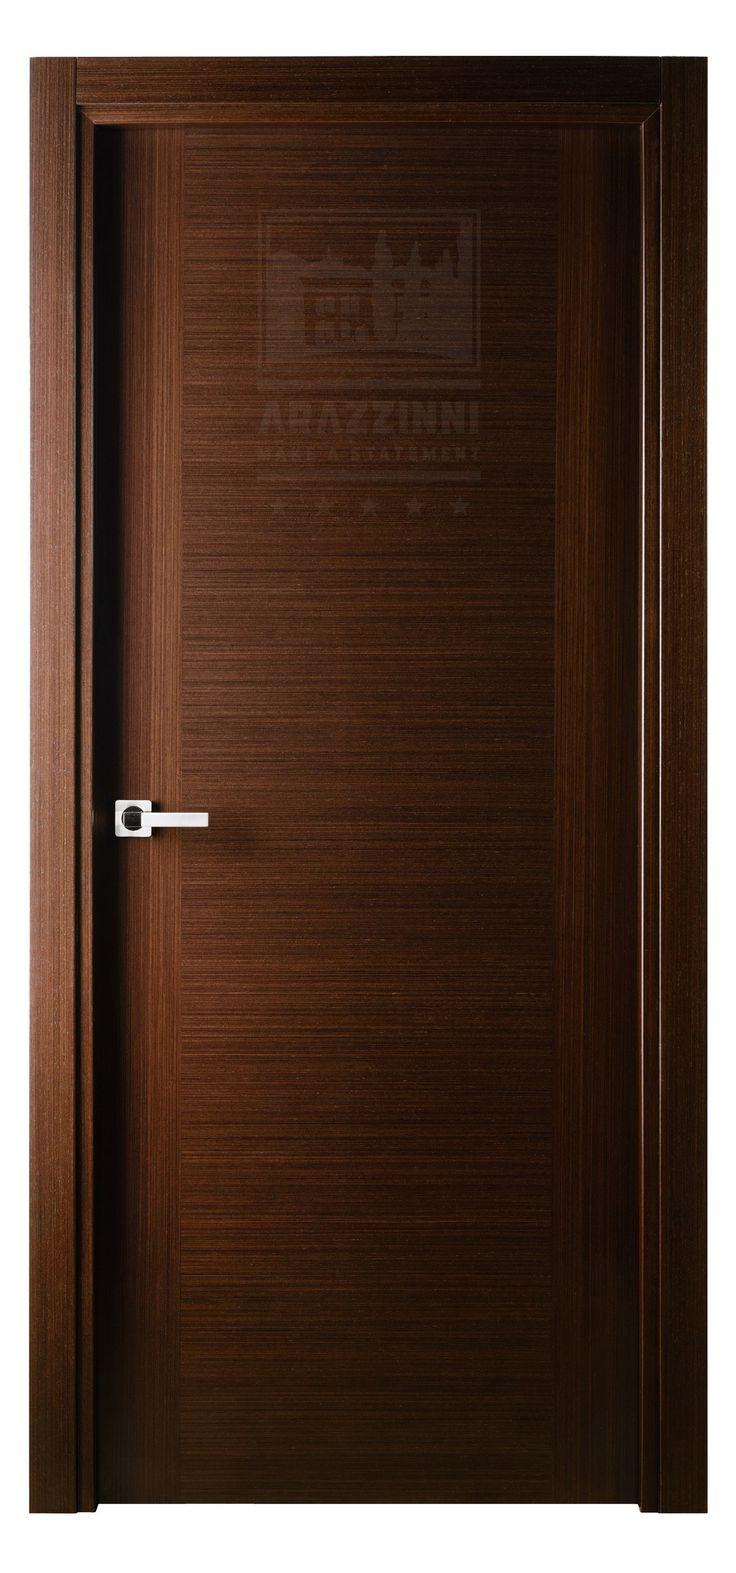 51 best Exotic Wood Veneer Doors images on Pinterest ...